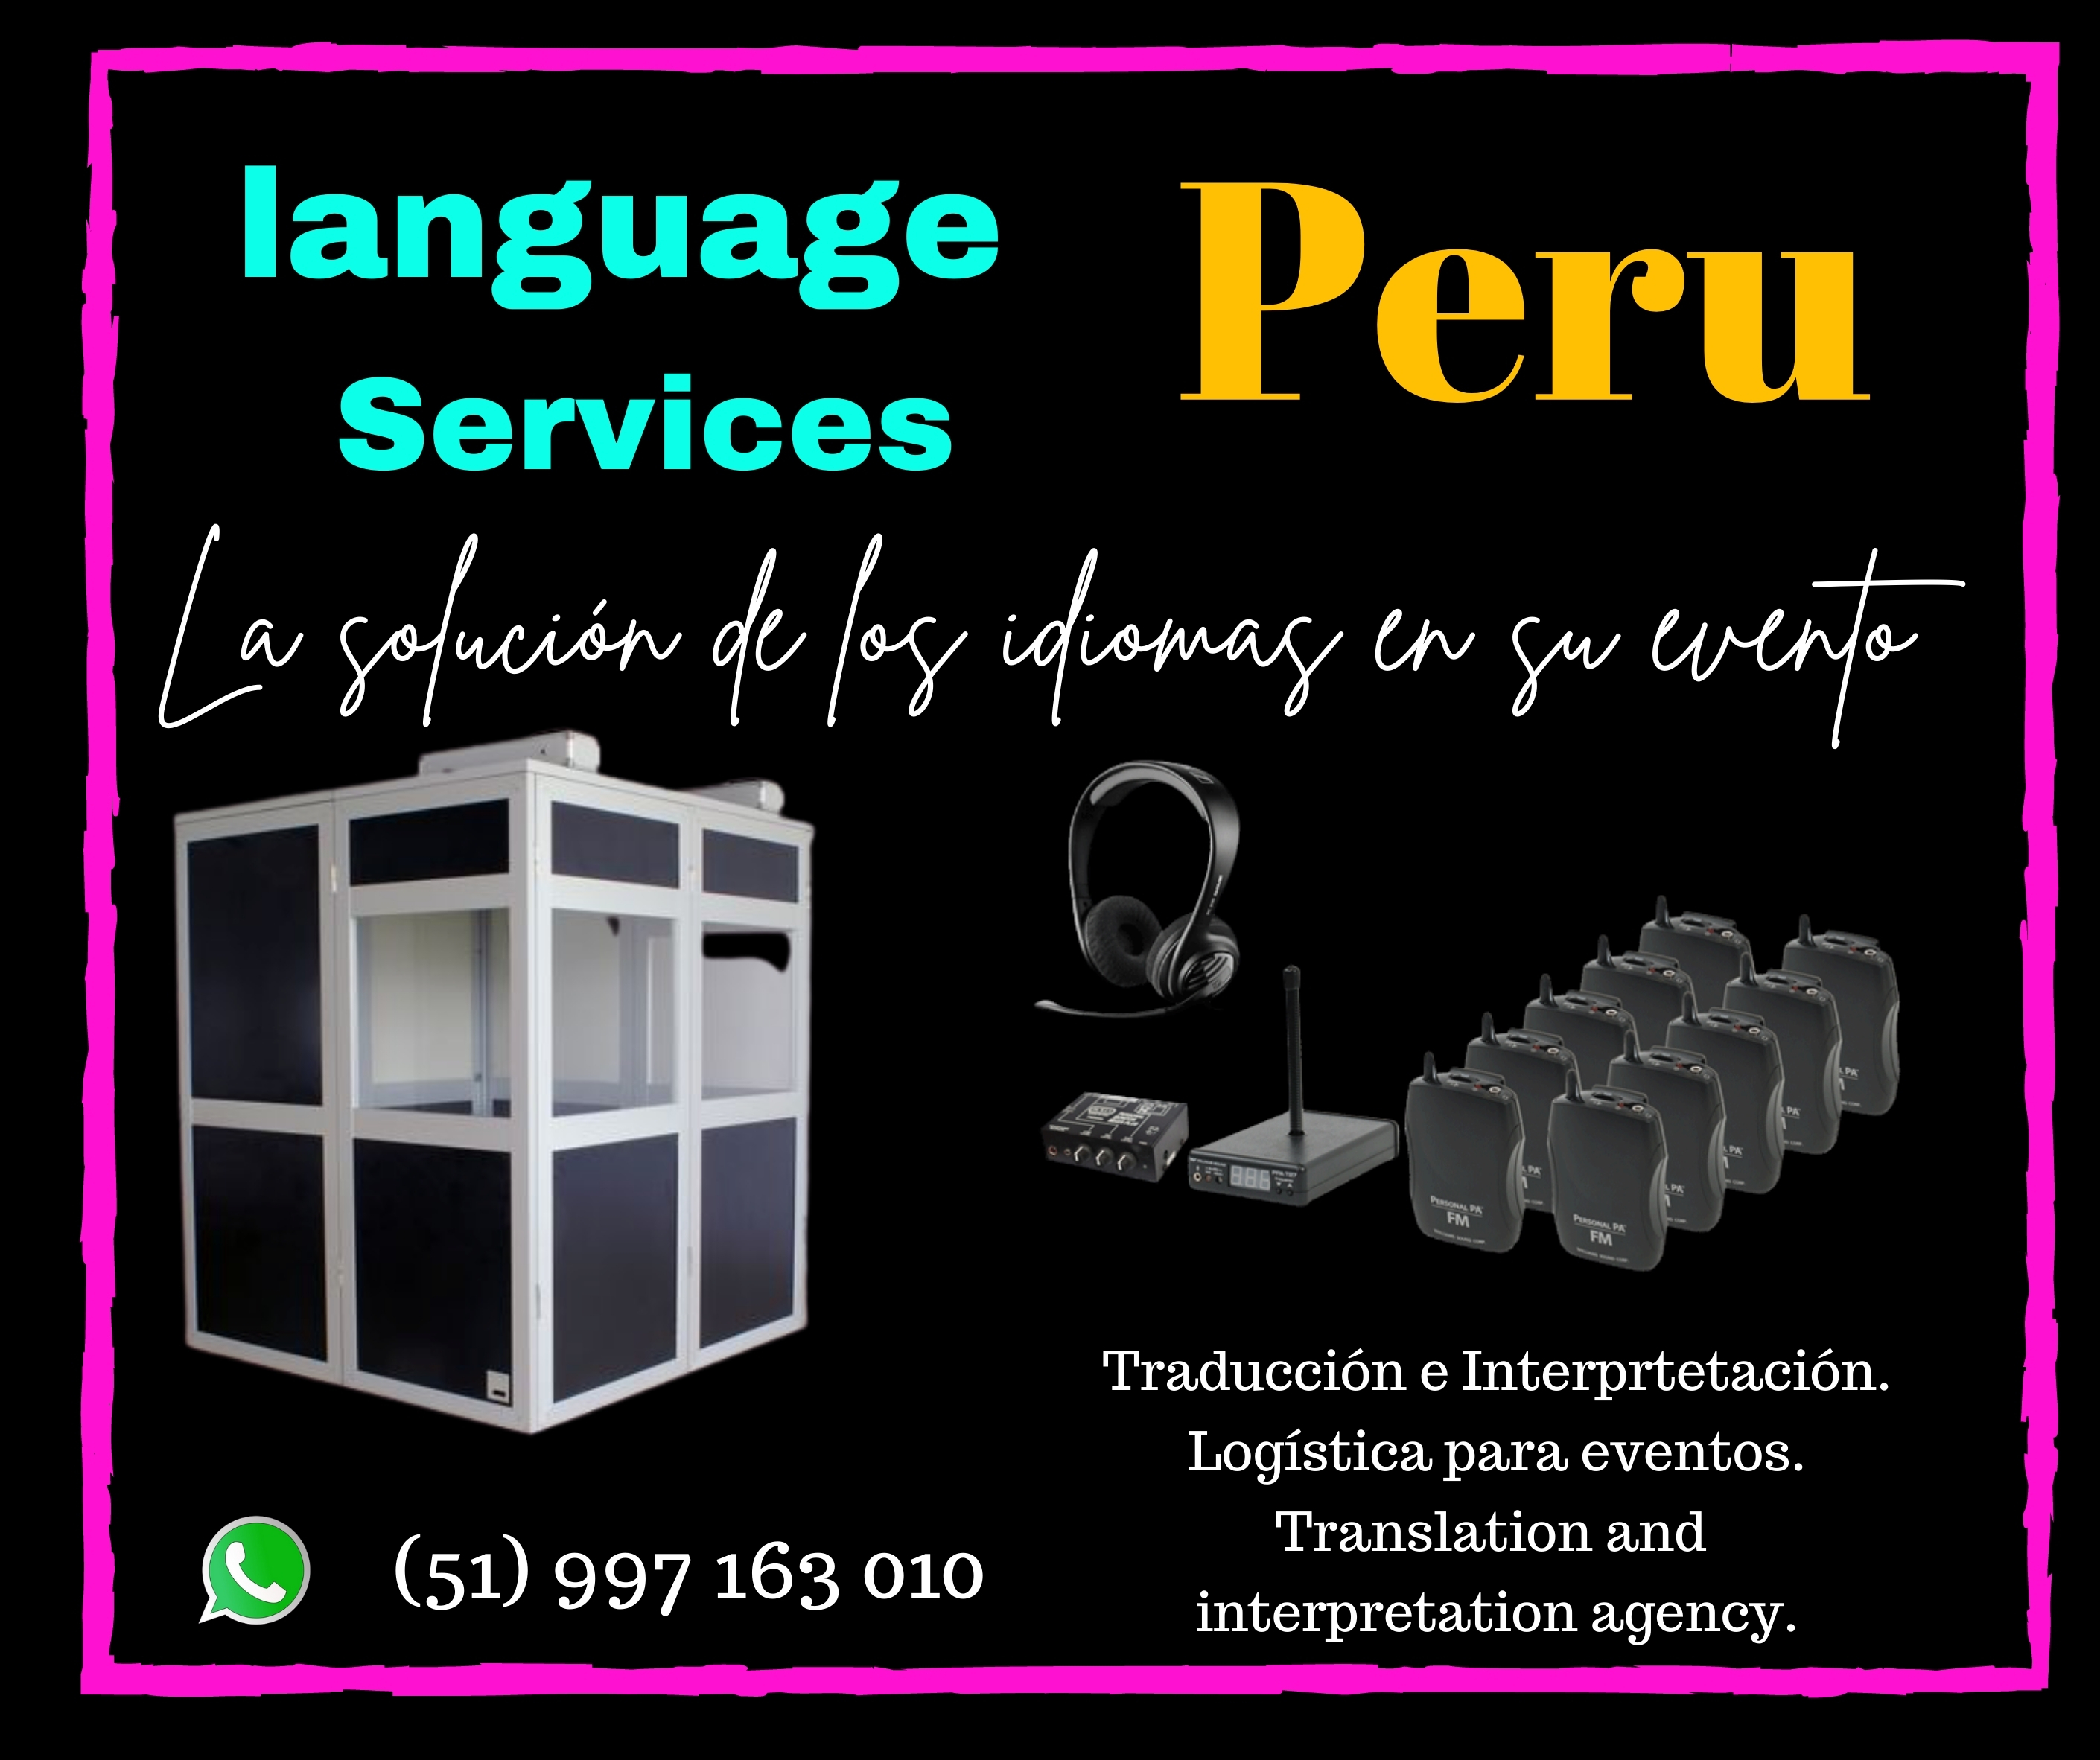 Services de traducción: Piura y Chiclayo